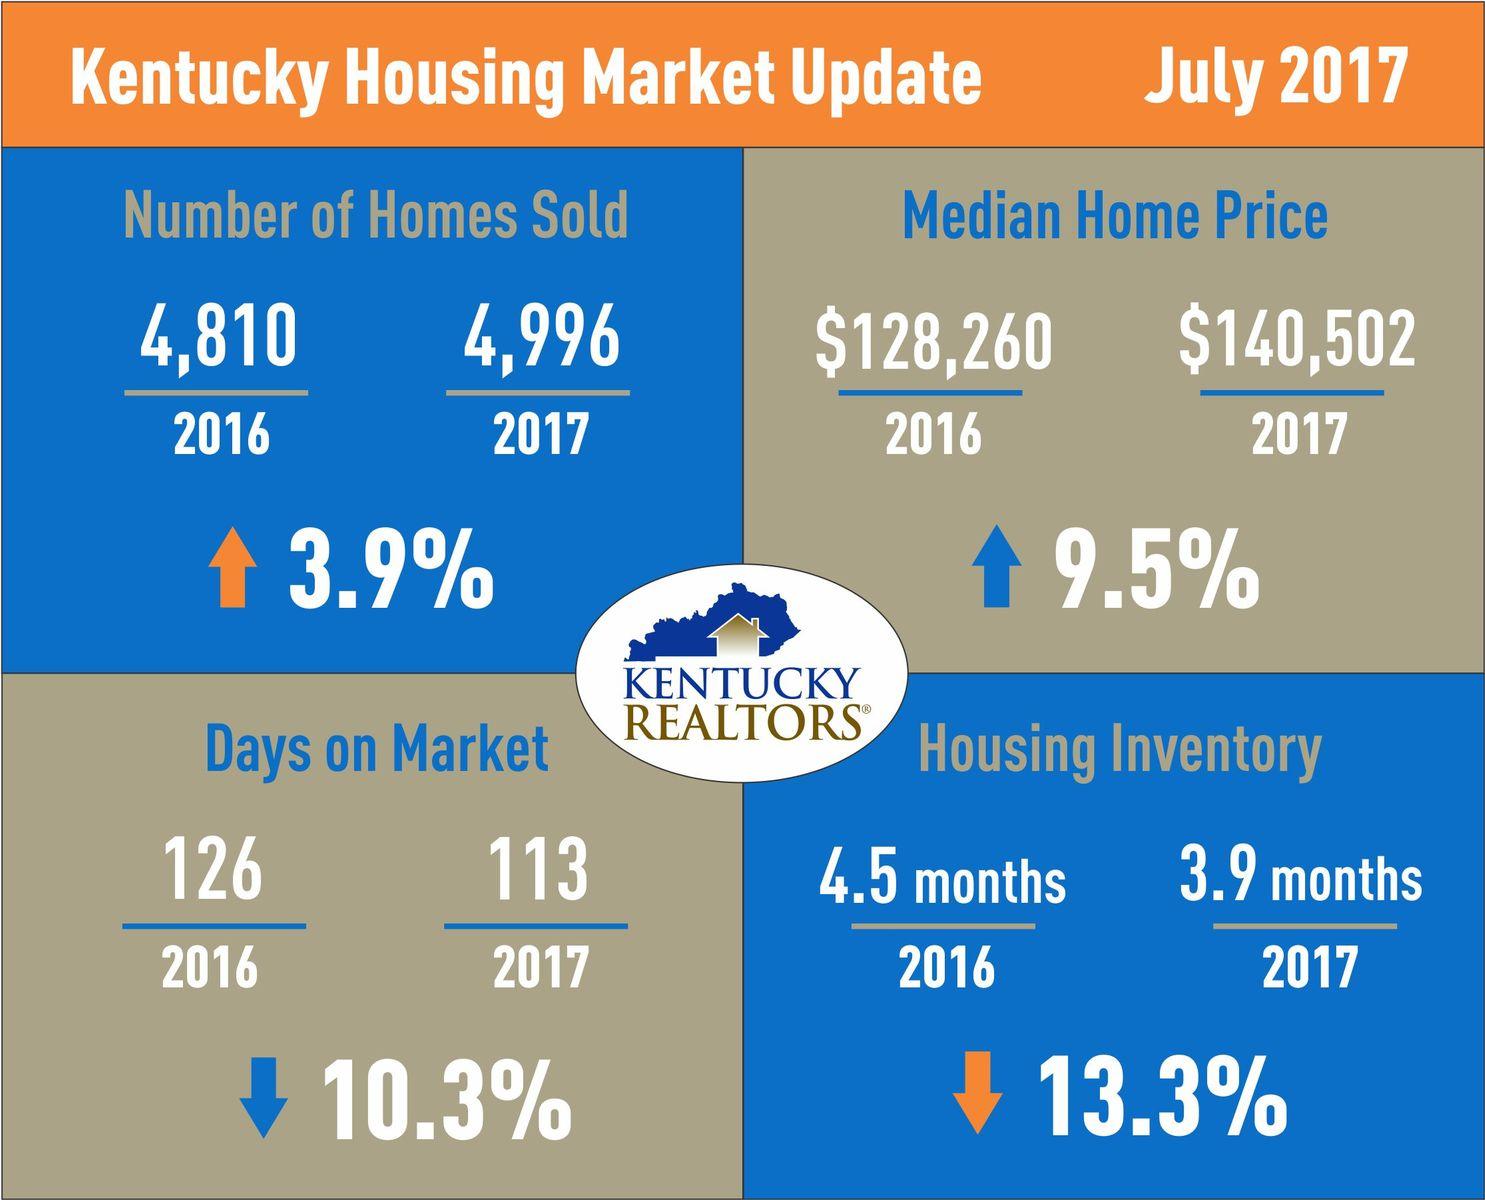 Kenticky Housing Market Update July 2017